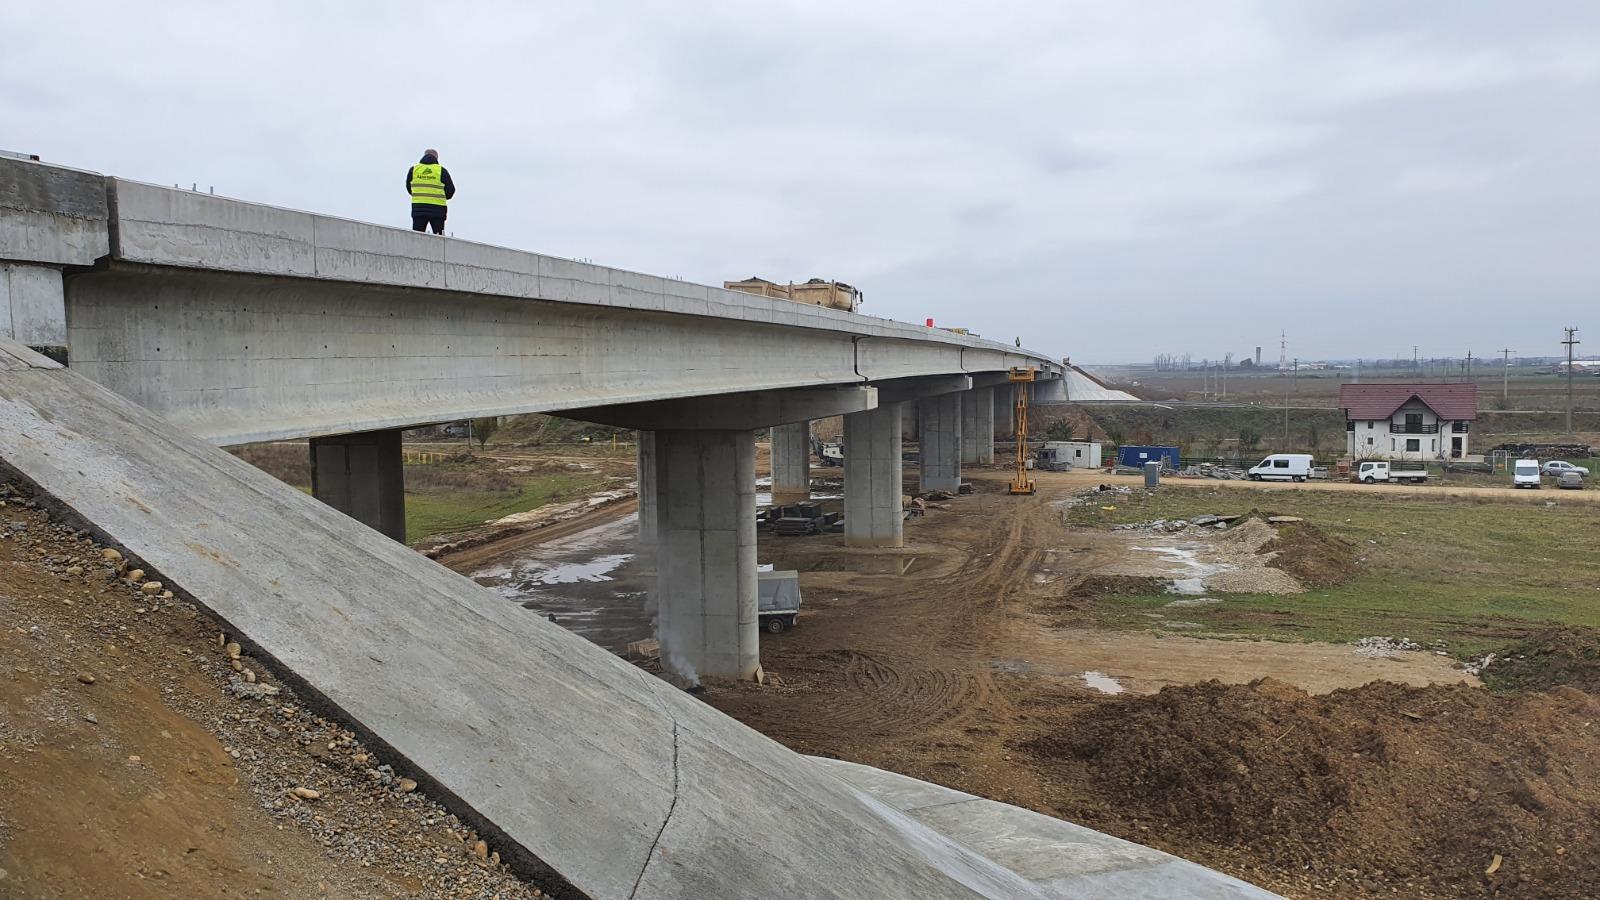 Primele teste de rezistență ale pasajului de 300 de metri de pe bucata de autostradă Râșnov – Cristian au fost trecute – Biz Brasov